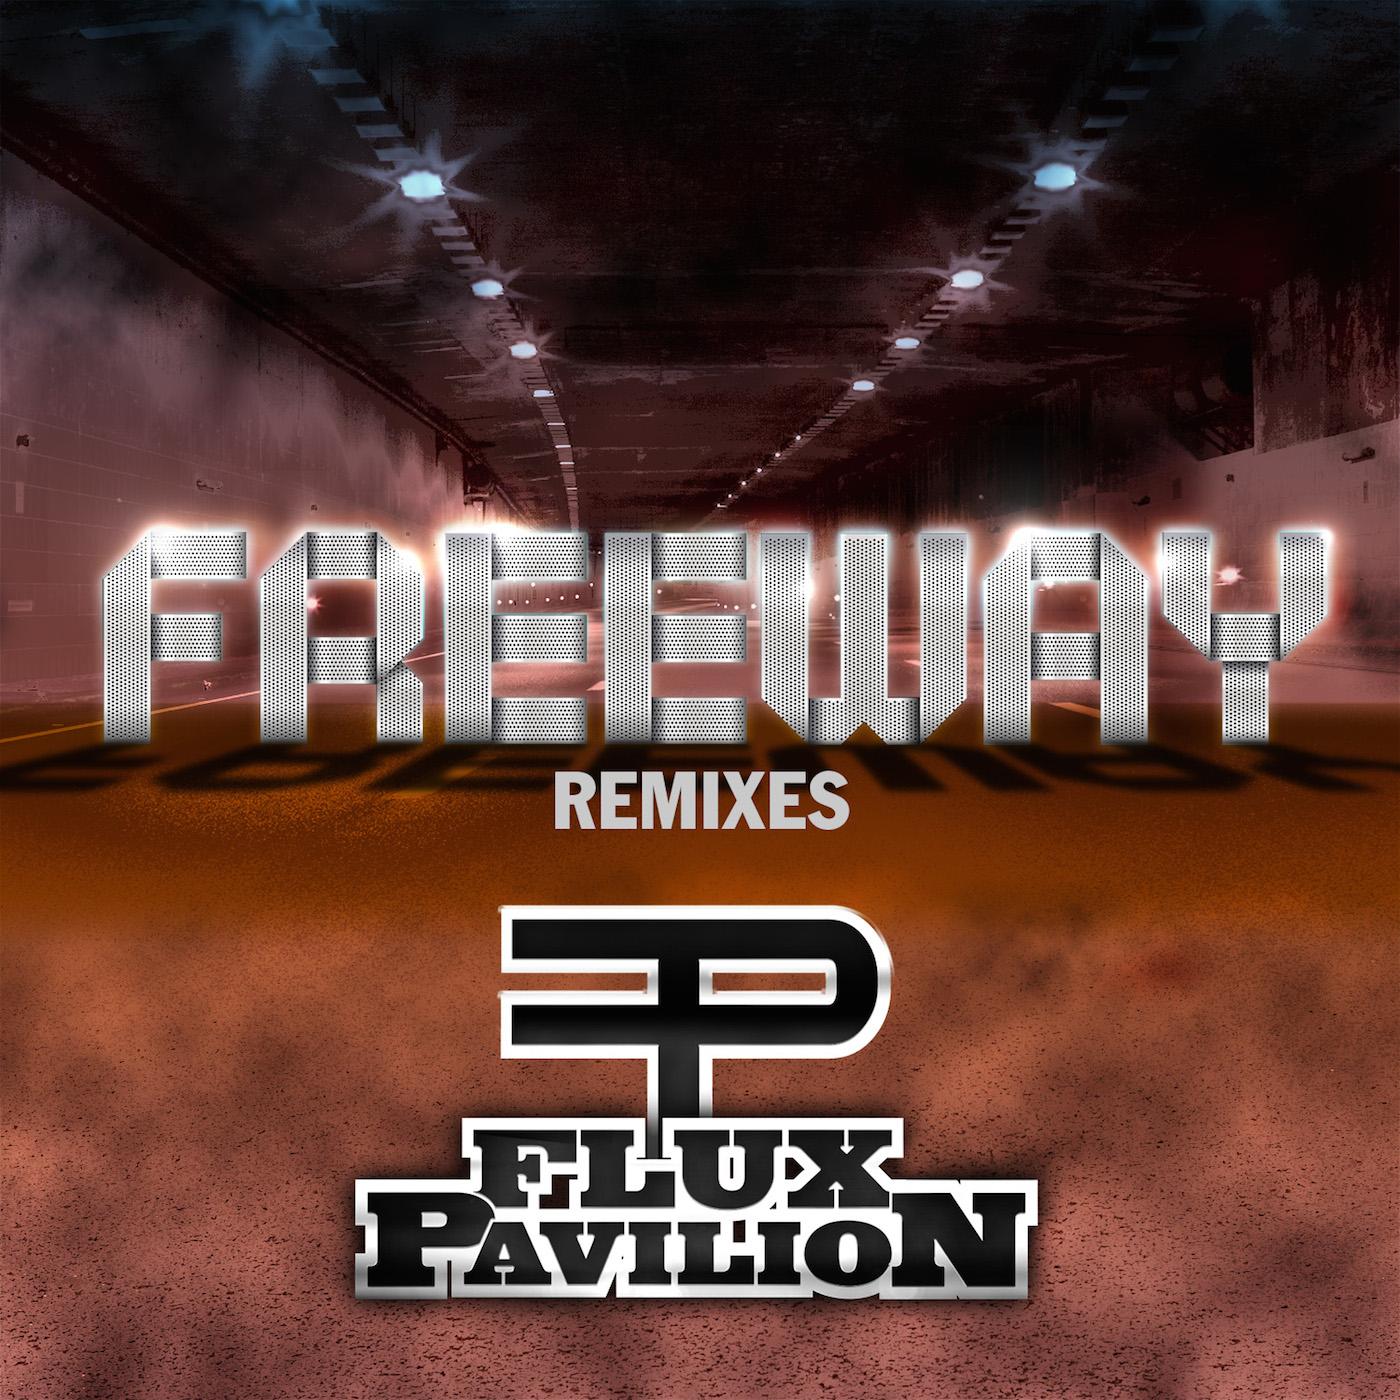 flux pavilion freeway - photo #1